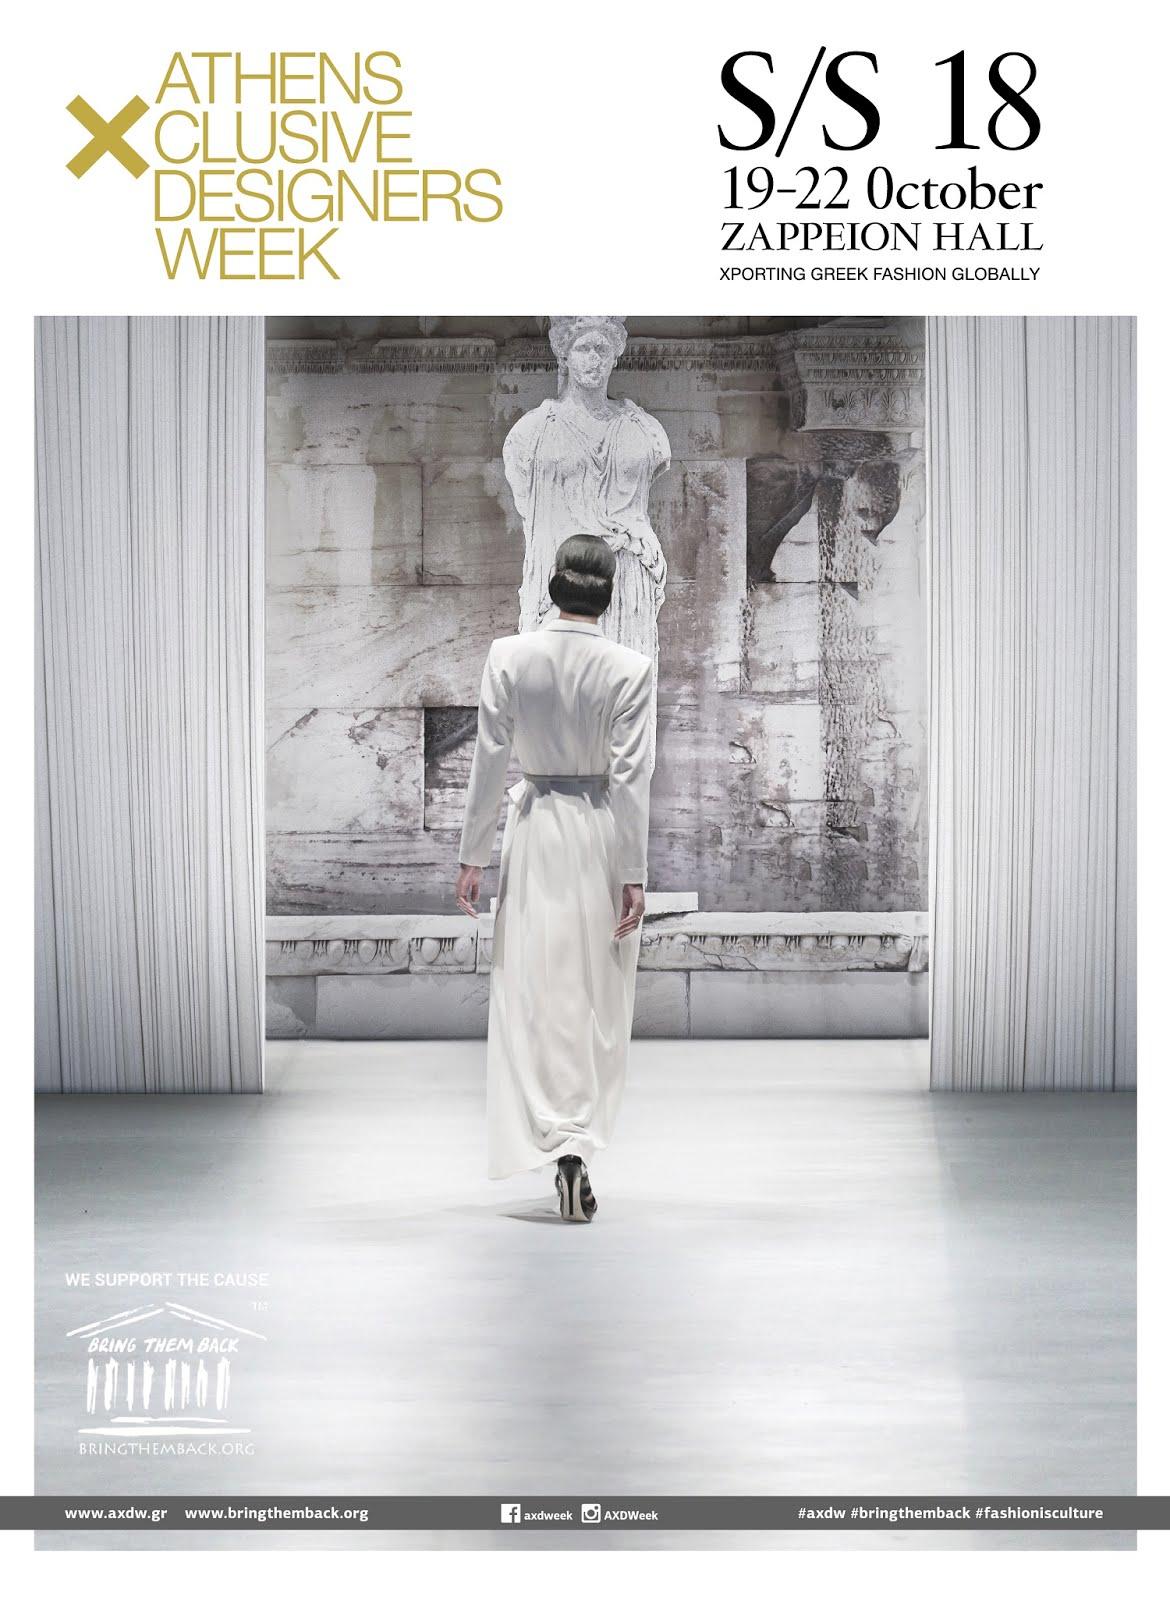 Εβδομάδα Μόδας της Αθήνας - Athens Xclusive Designers Week